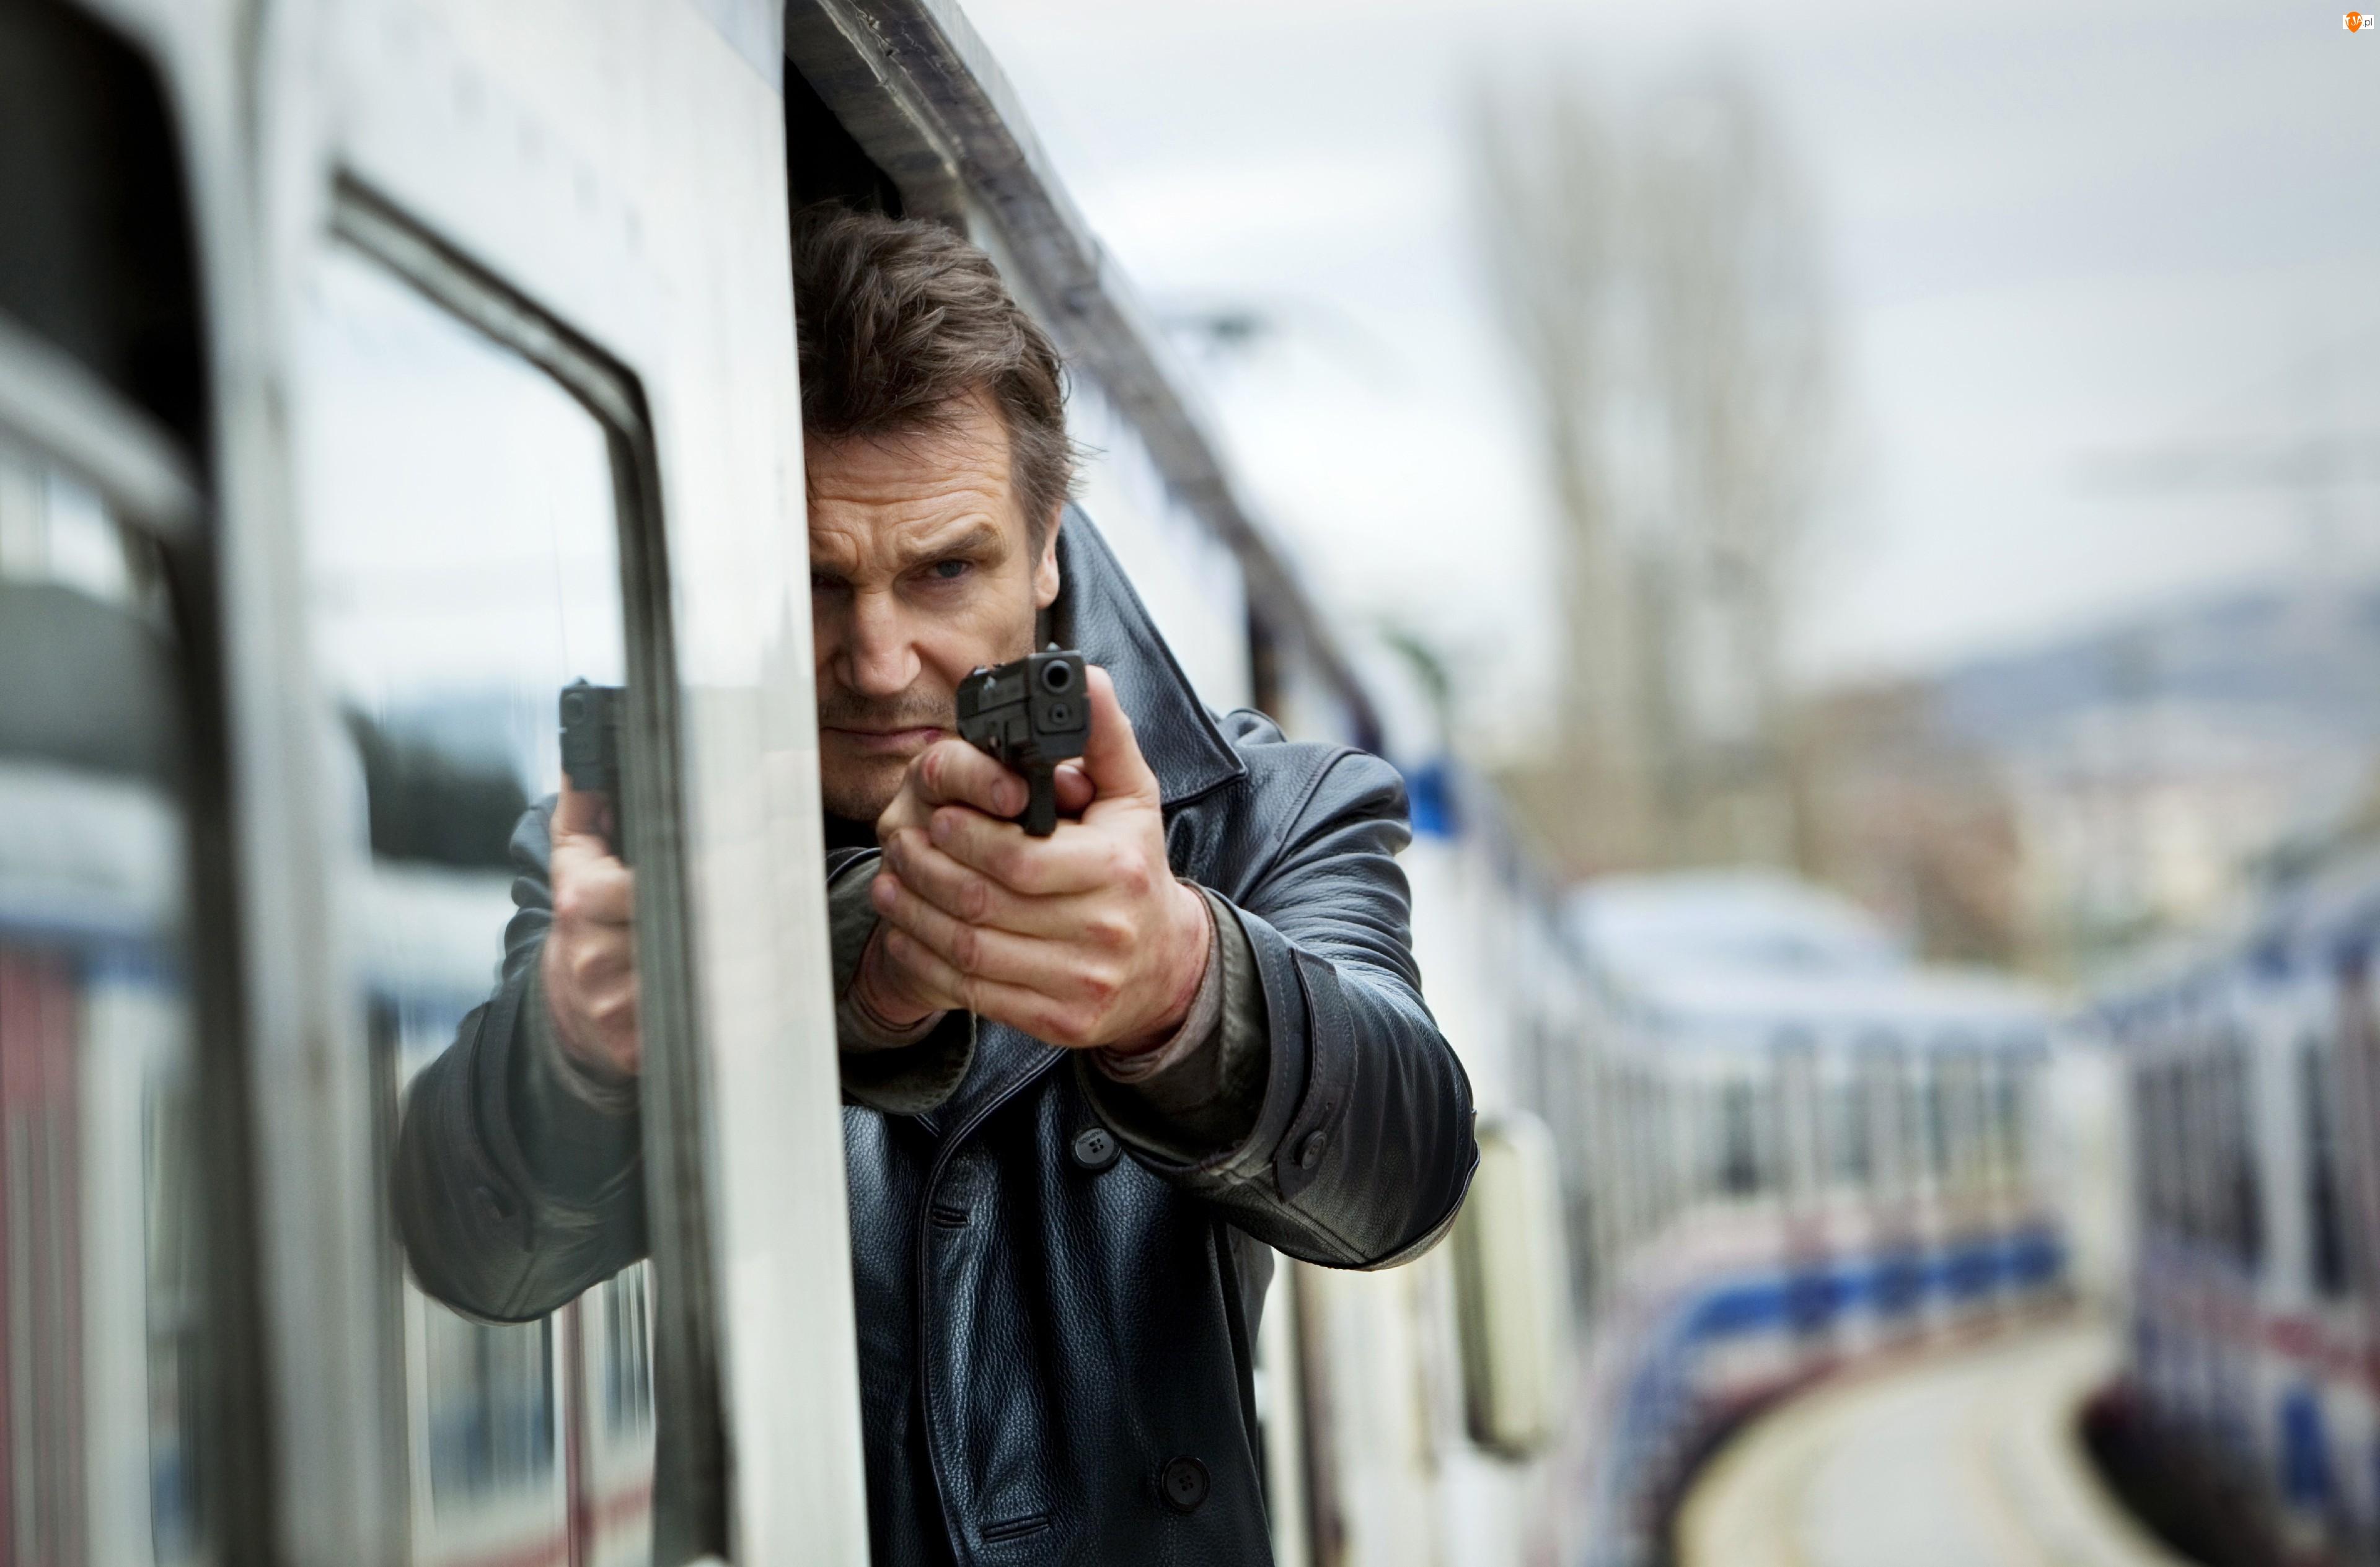 Aktor, Uprowadzona, Liam Neeson, Film